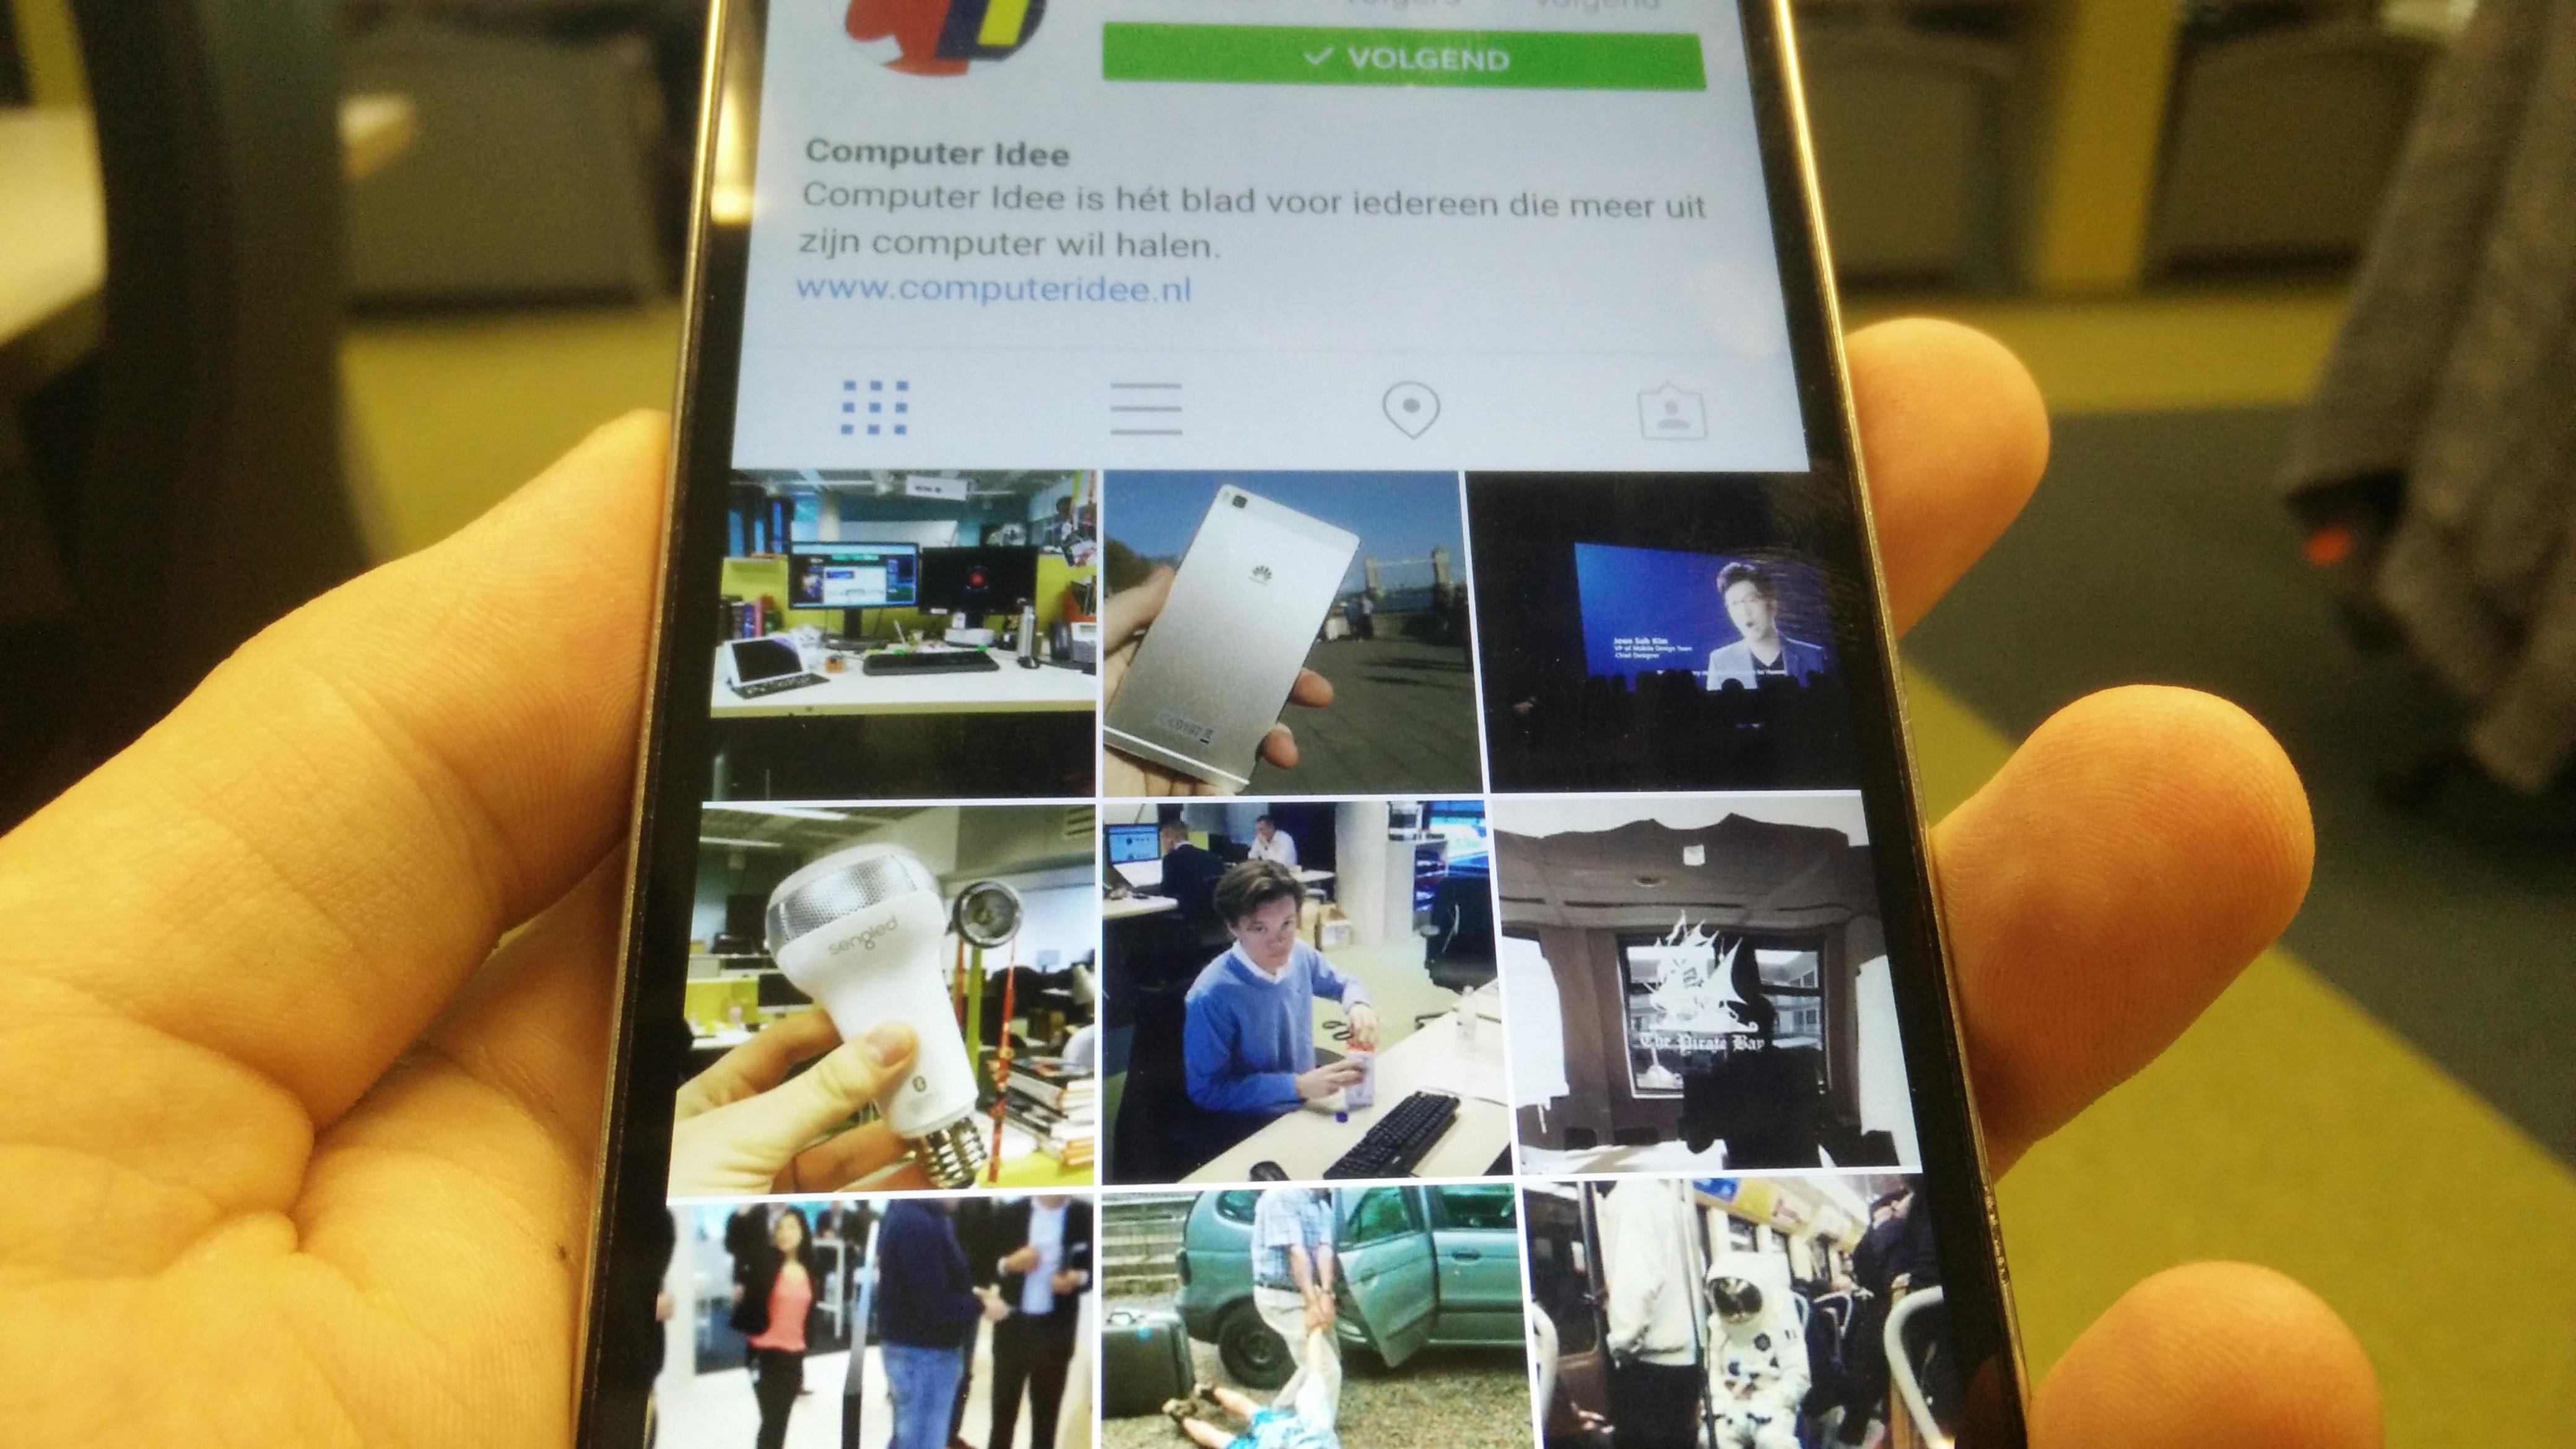 hoe krijg je fotos van iphone op computer